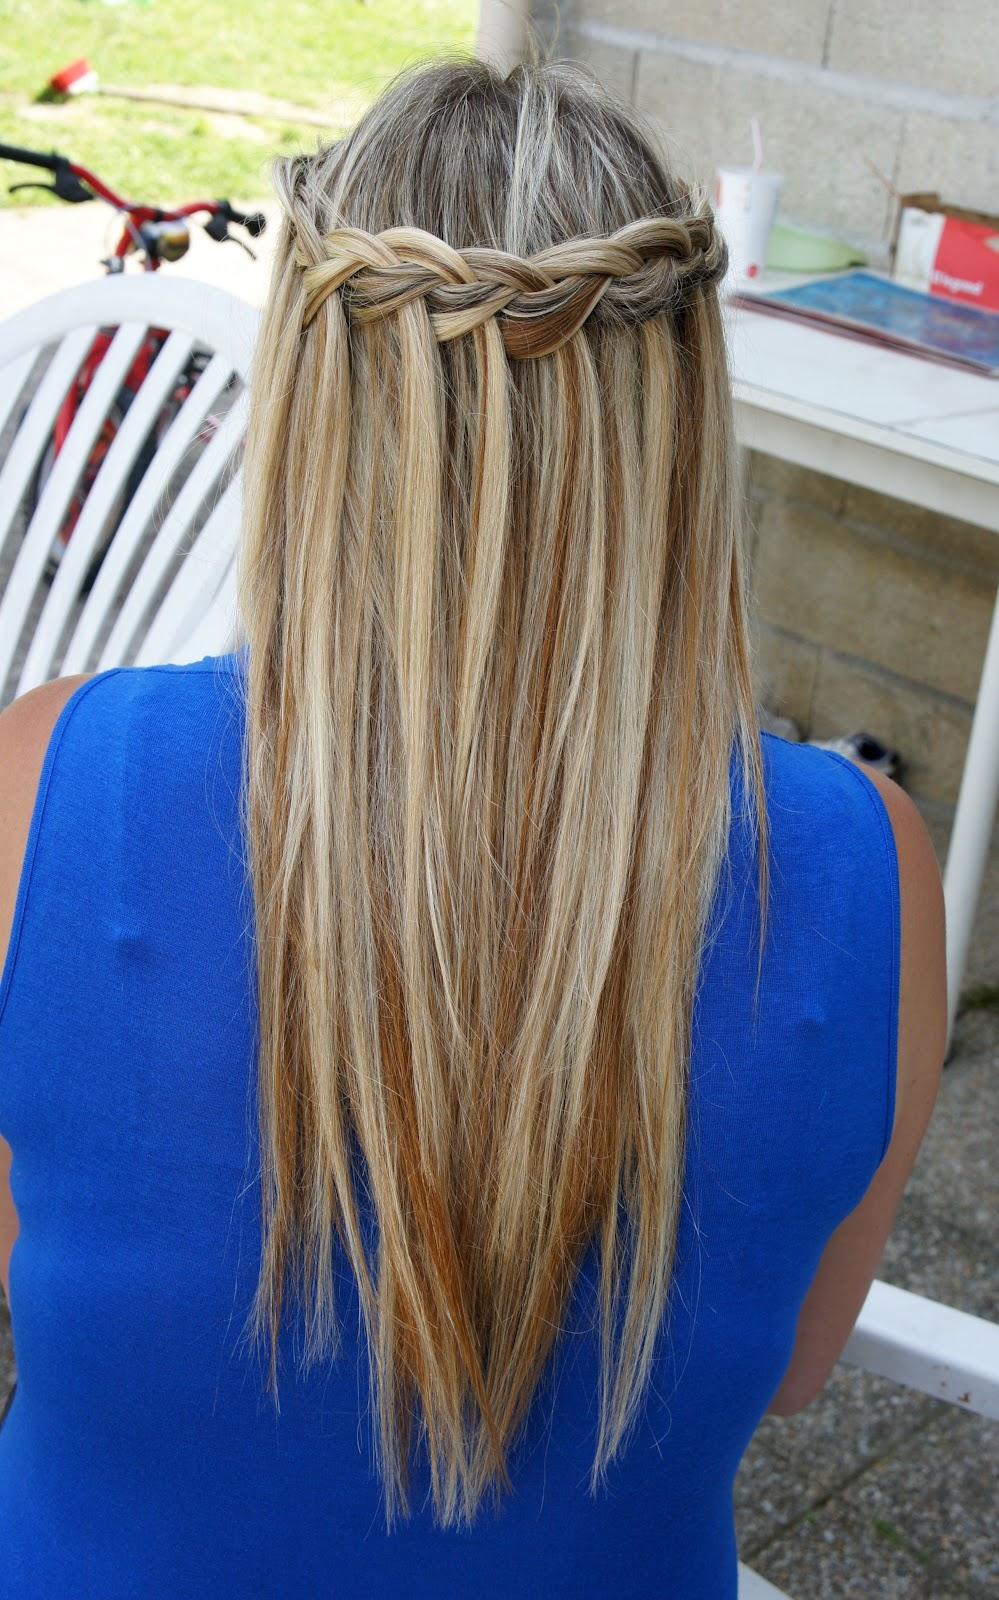 coiffure cheveux long avec un elastique coiffure femme cheveux long tendance kfmgyv. Black Bedroom Furniture Sets. Home Design Ideas